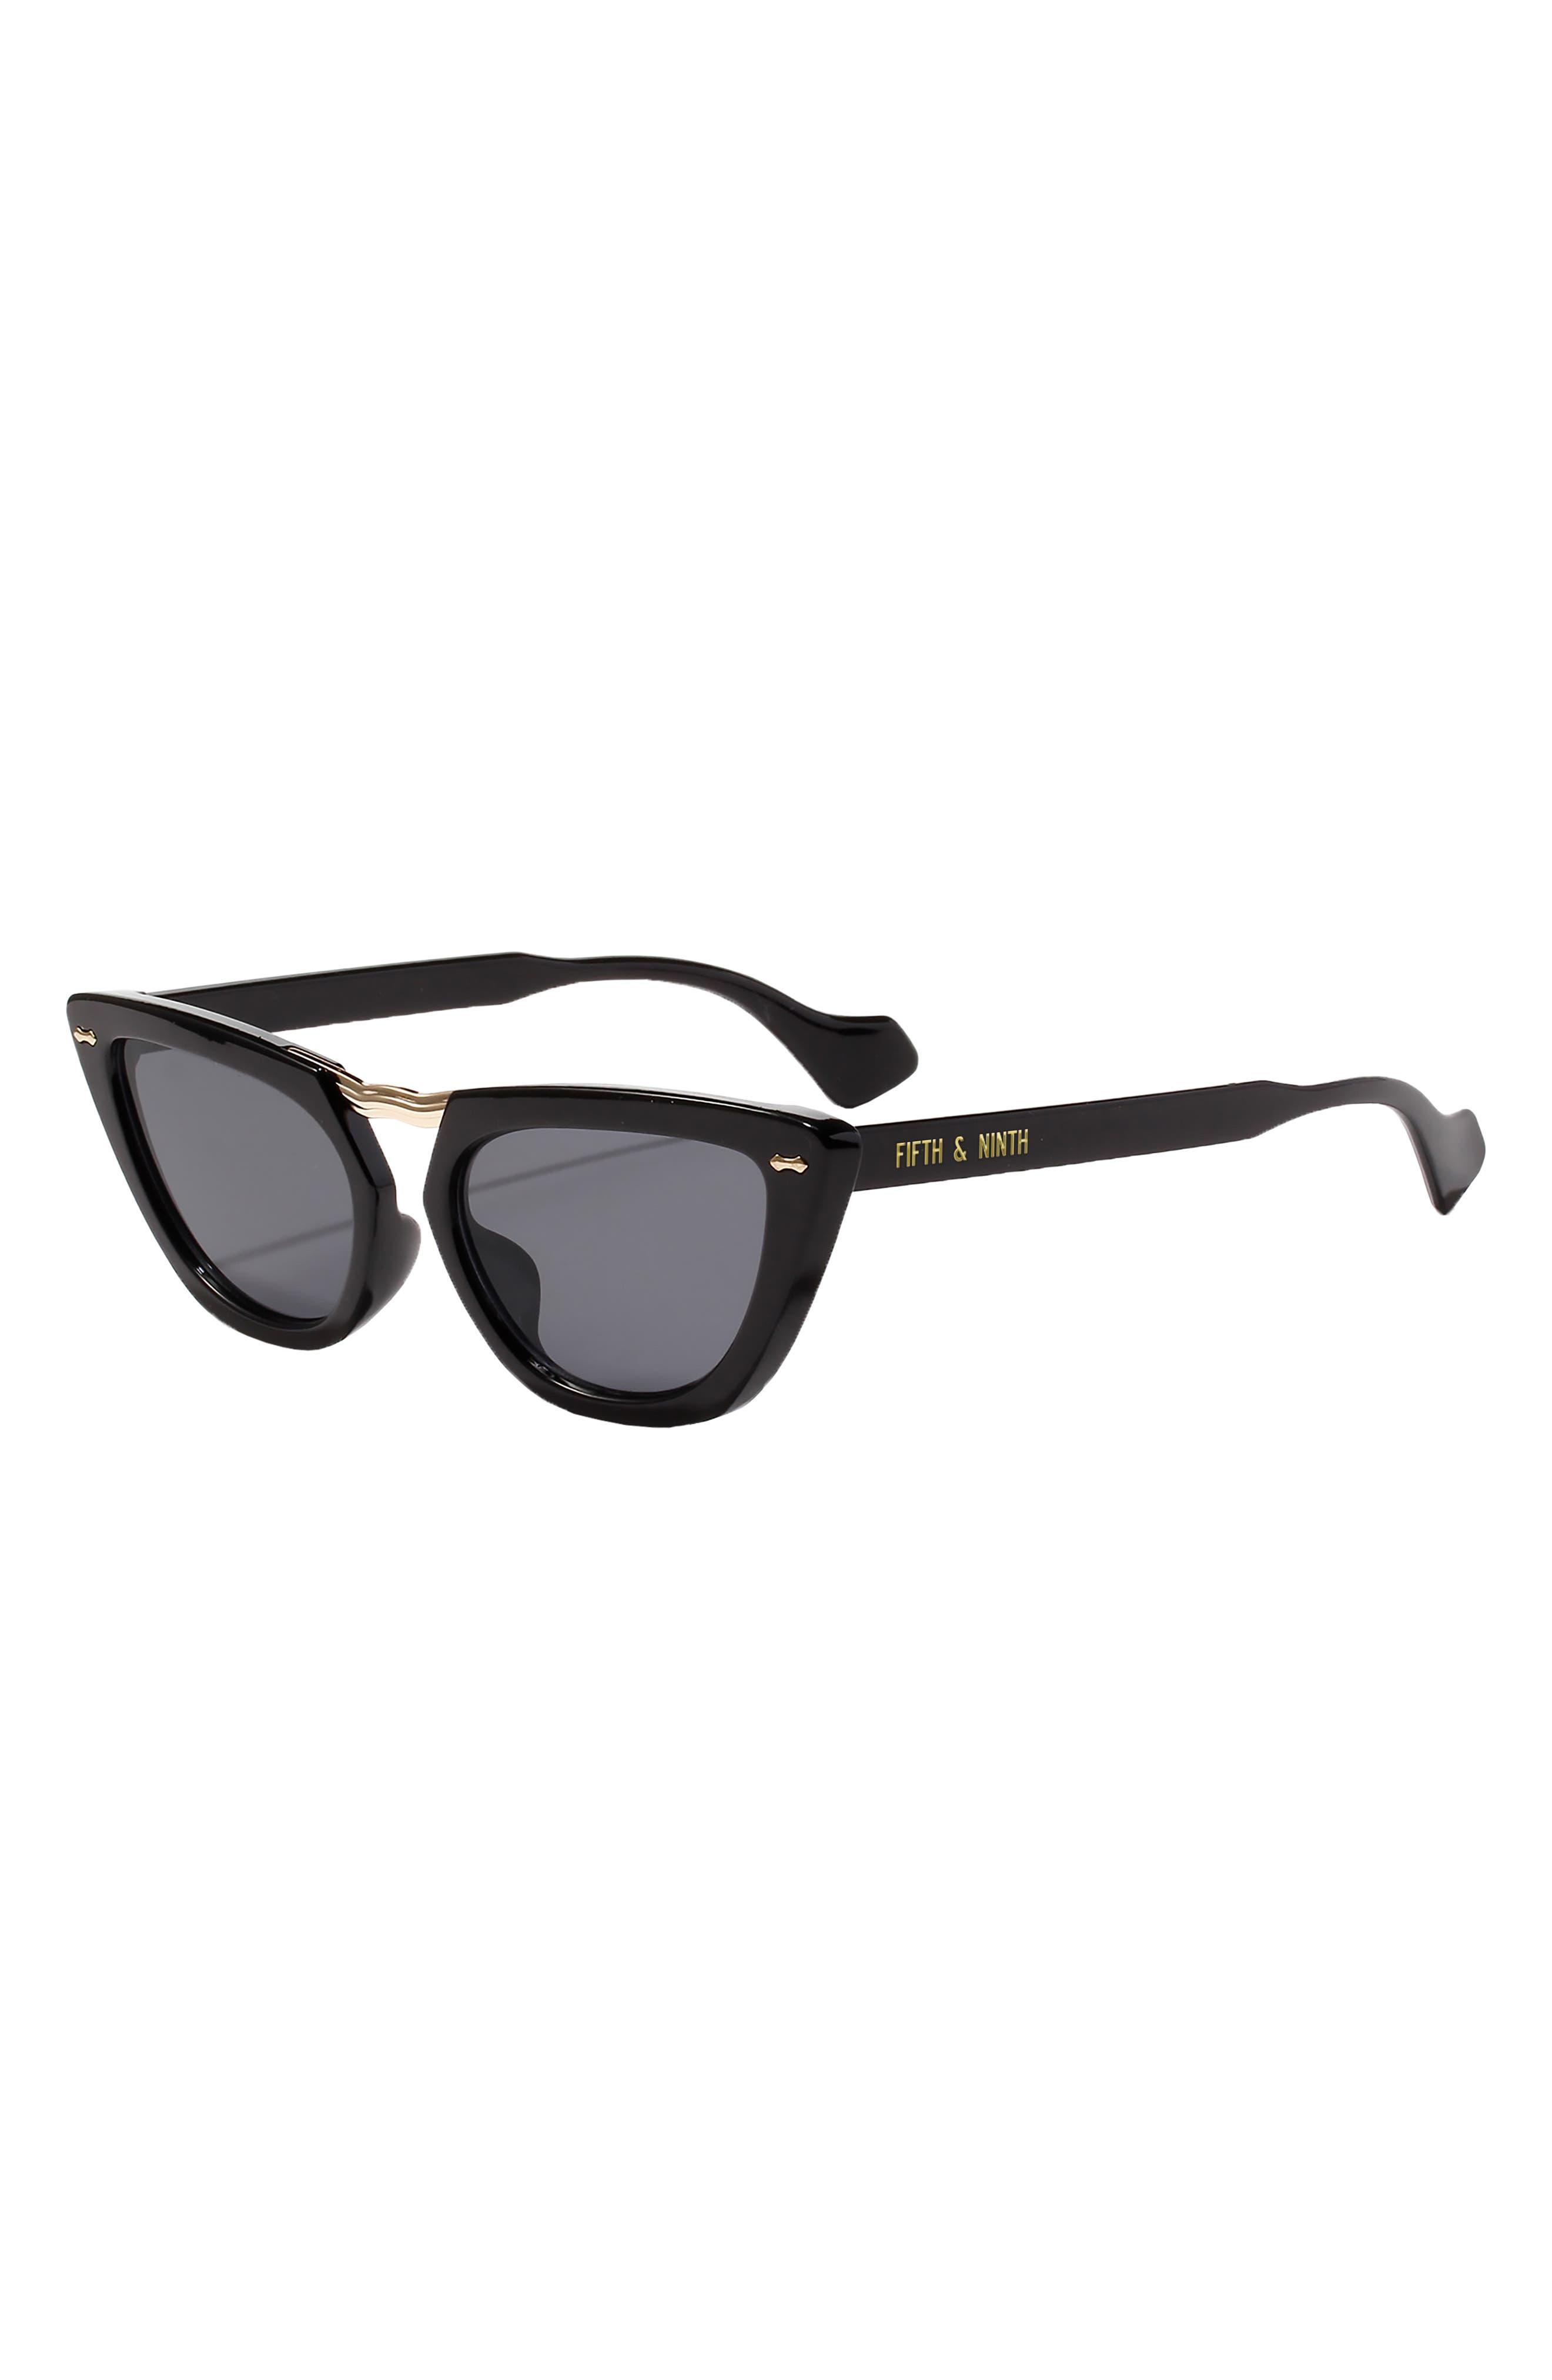 Savannah 55mm Cat Eye Sunglasses